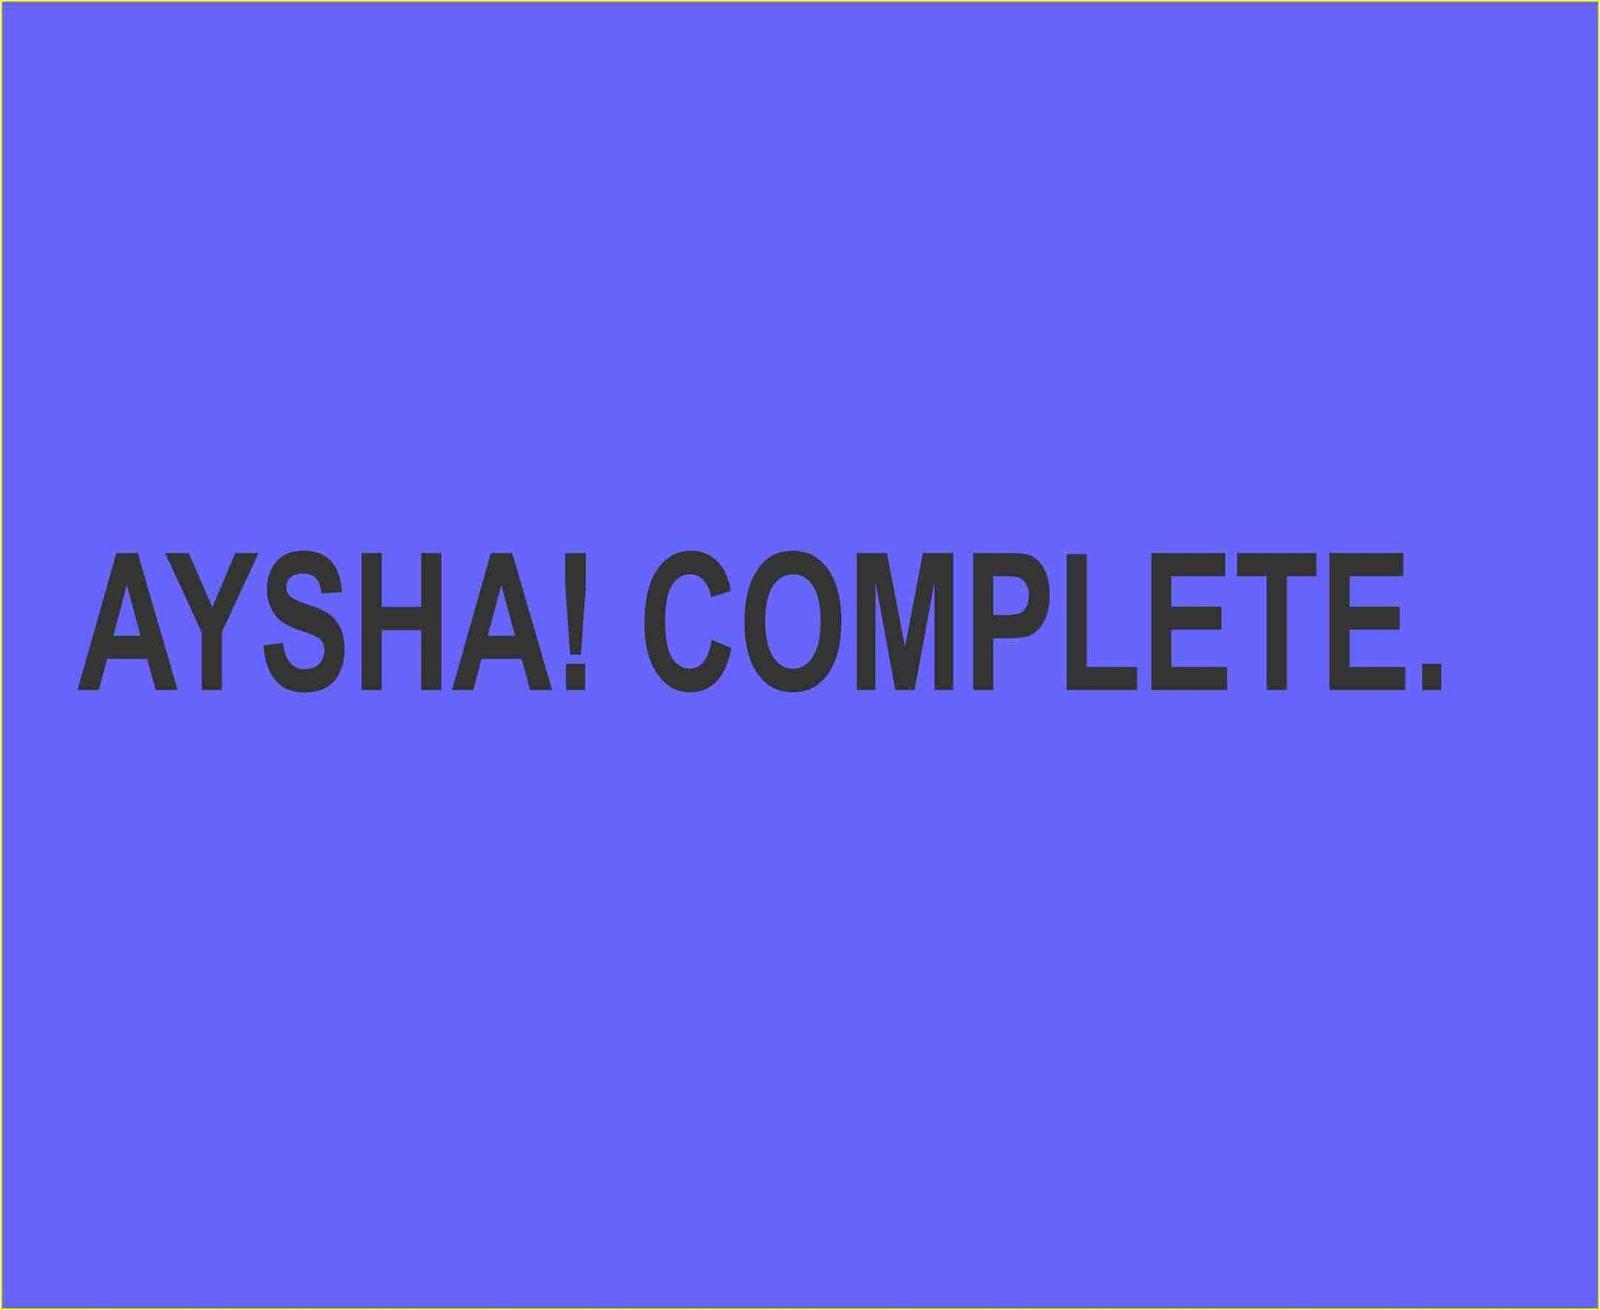 AYSHA! COMPLETE - Gidan Novels | Hausa Novels